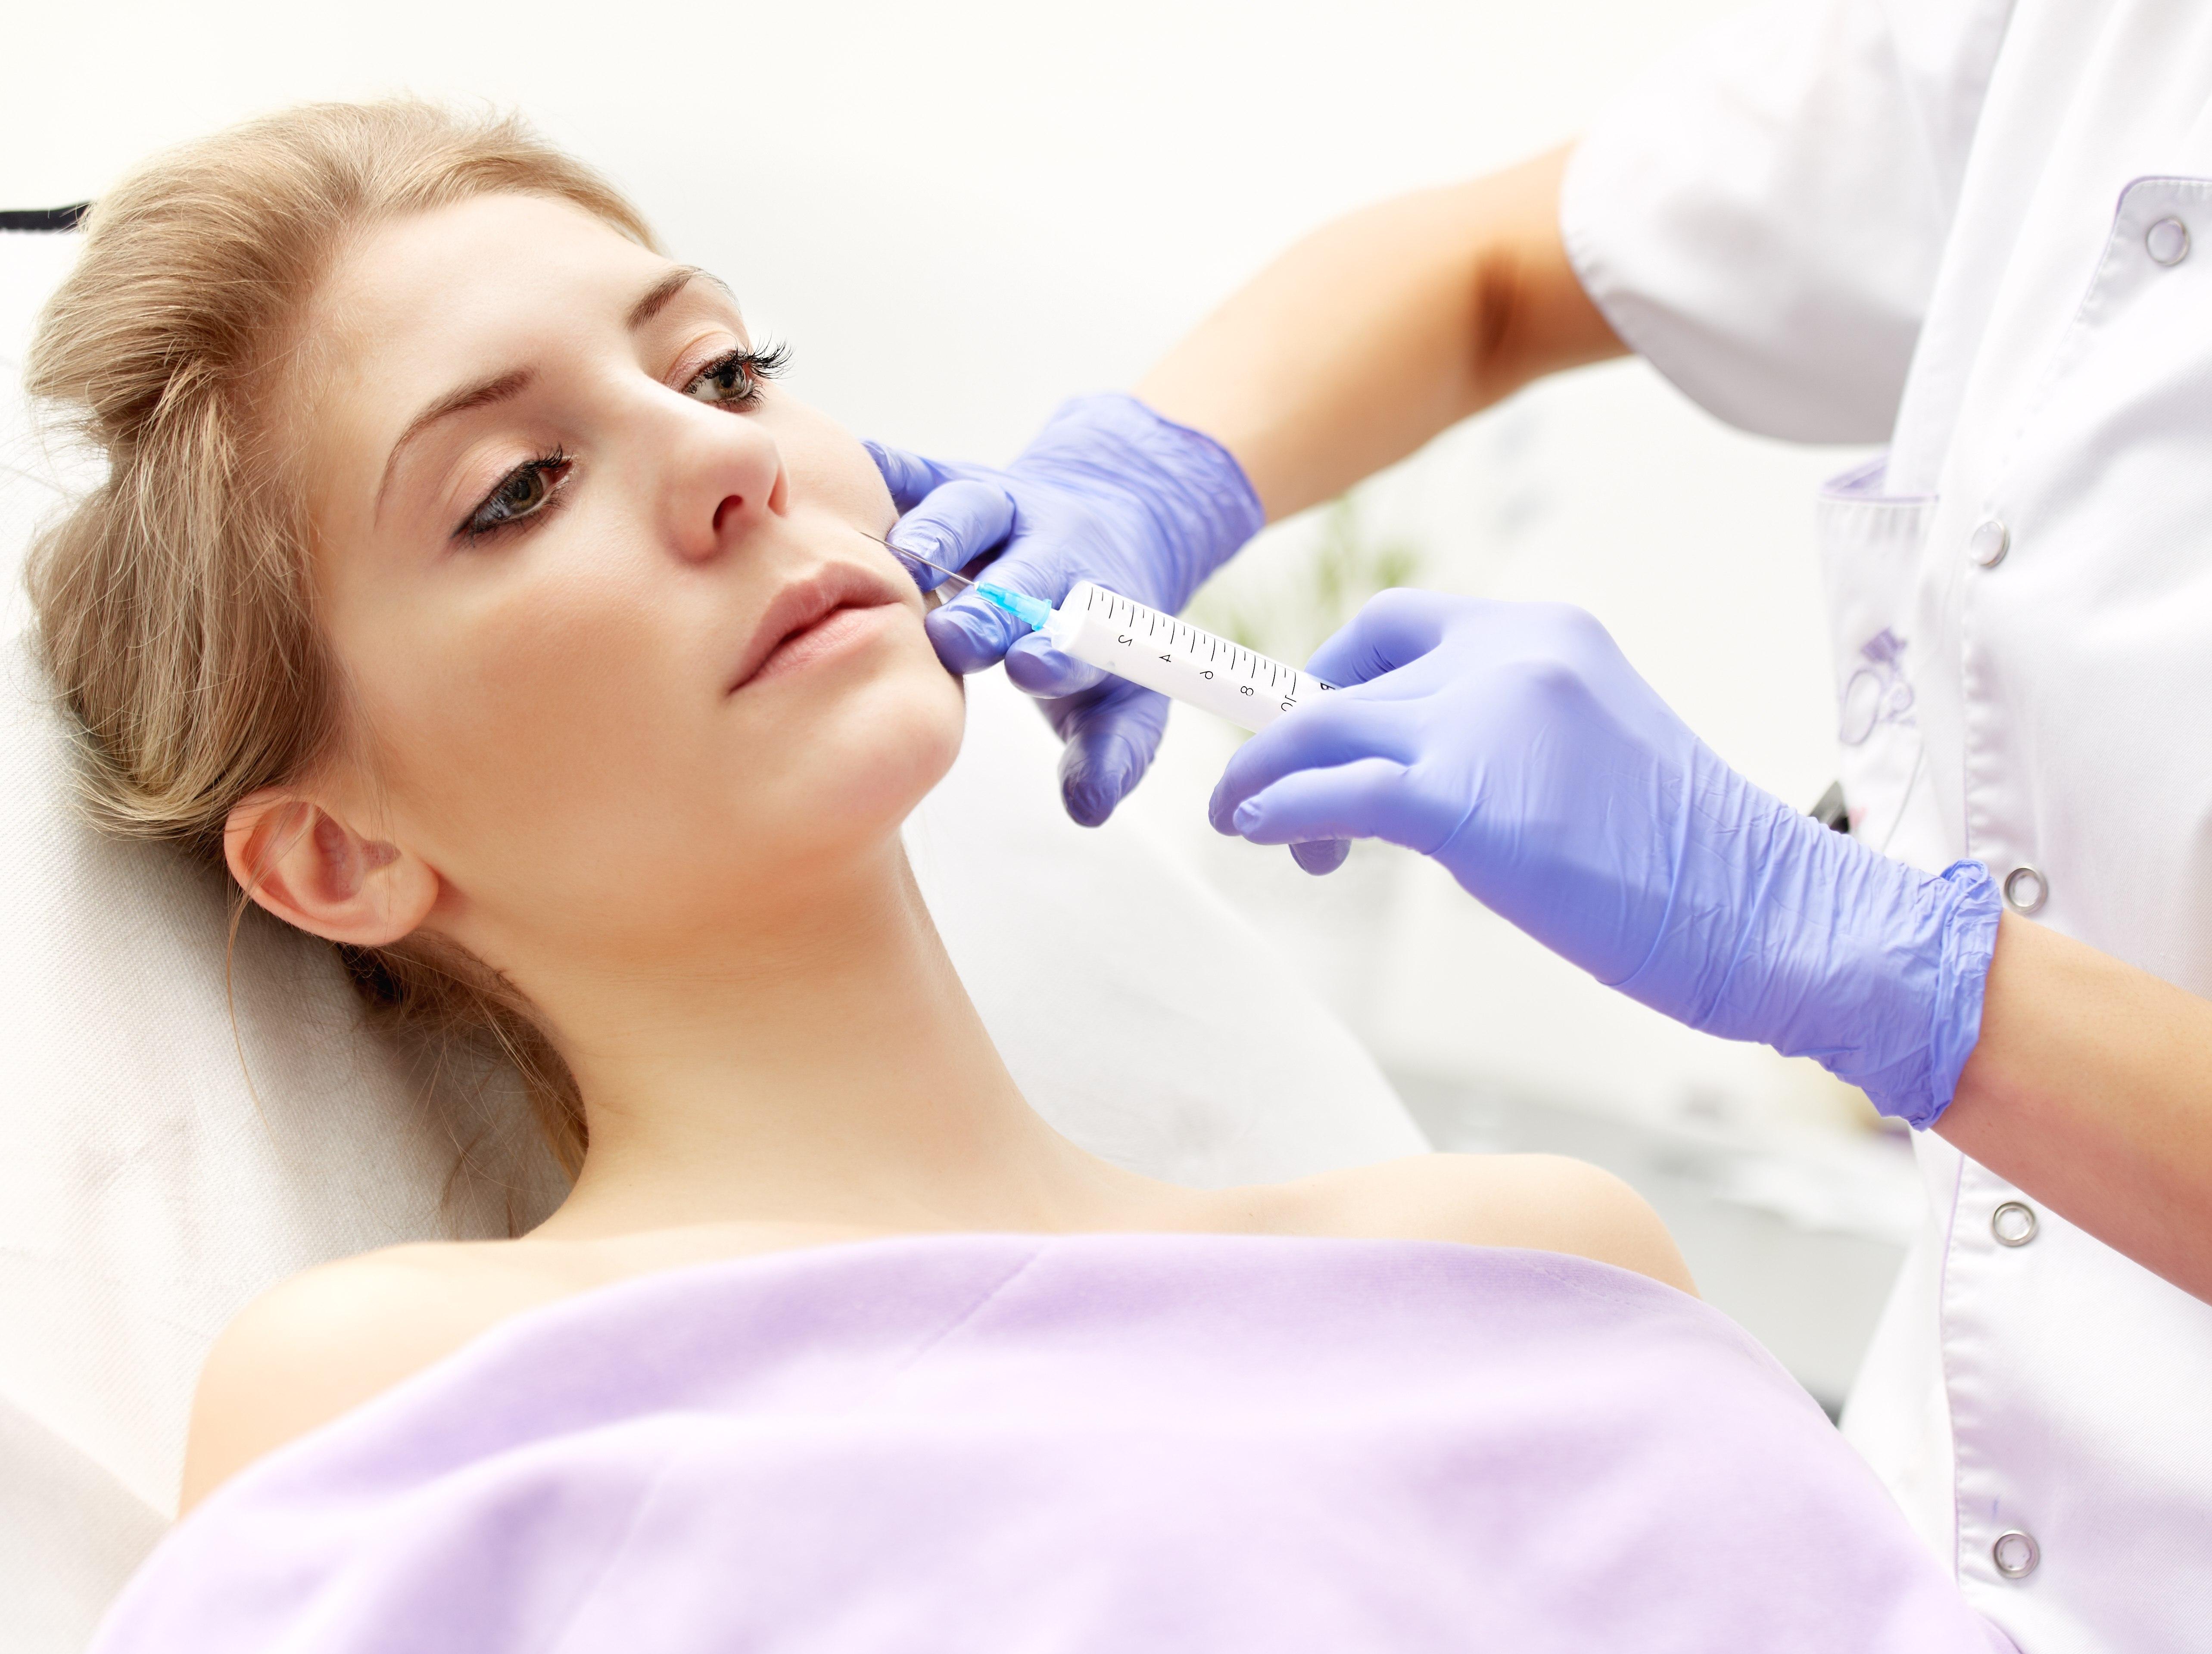 Dlaczego młode, piękne kobiety decydują się na operacje plastyczne? (fot. Shutterstock.com)